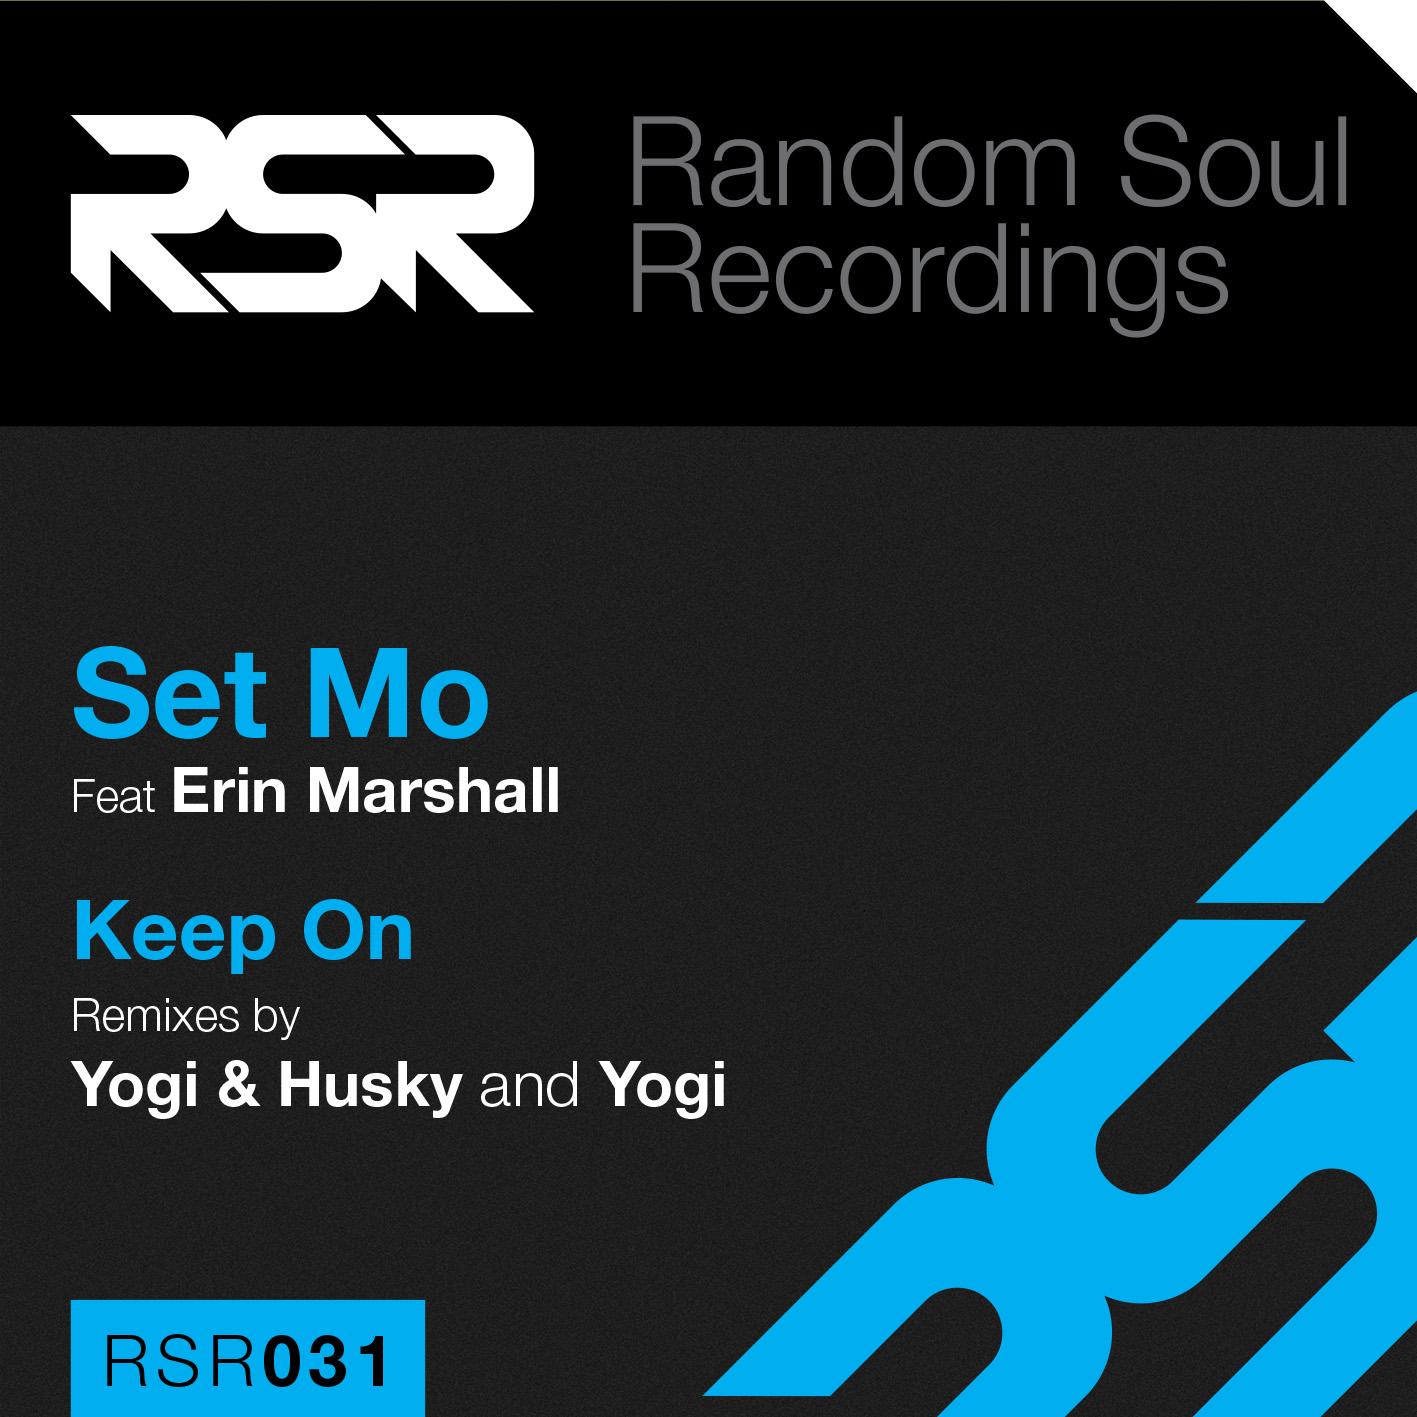 RSR031-CD-Slip